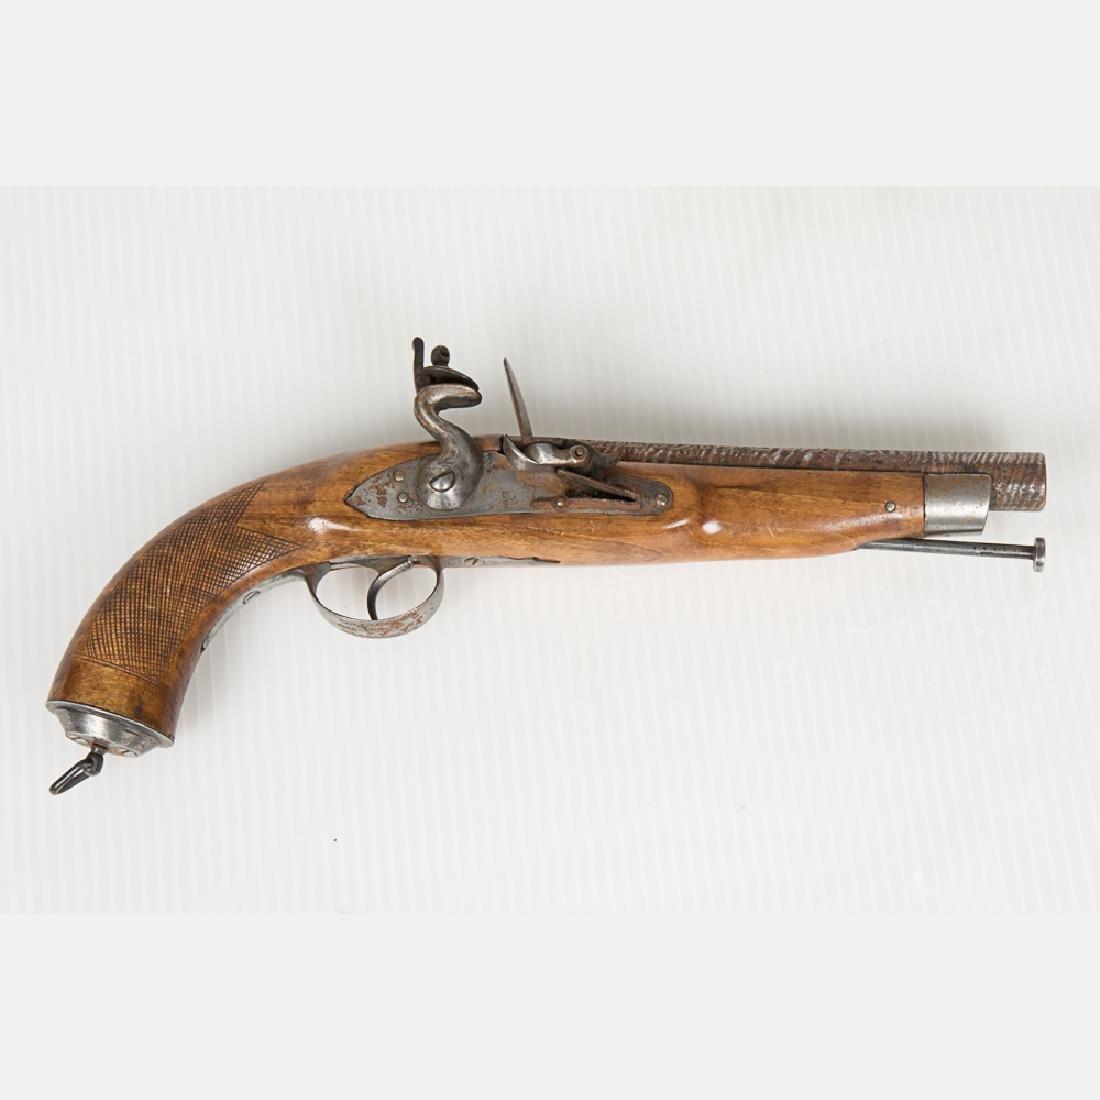 A Middle Eastern Flintlock Pistol, 19th Century,